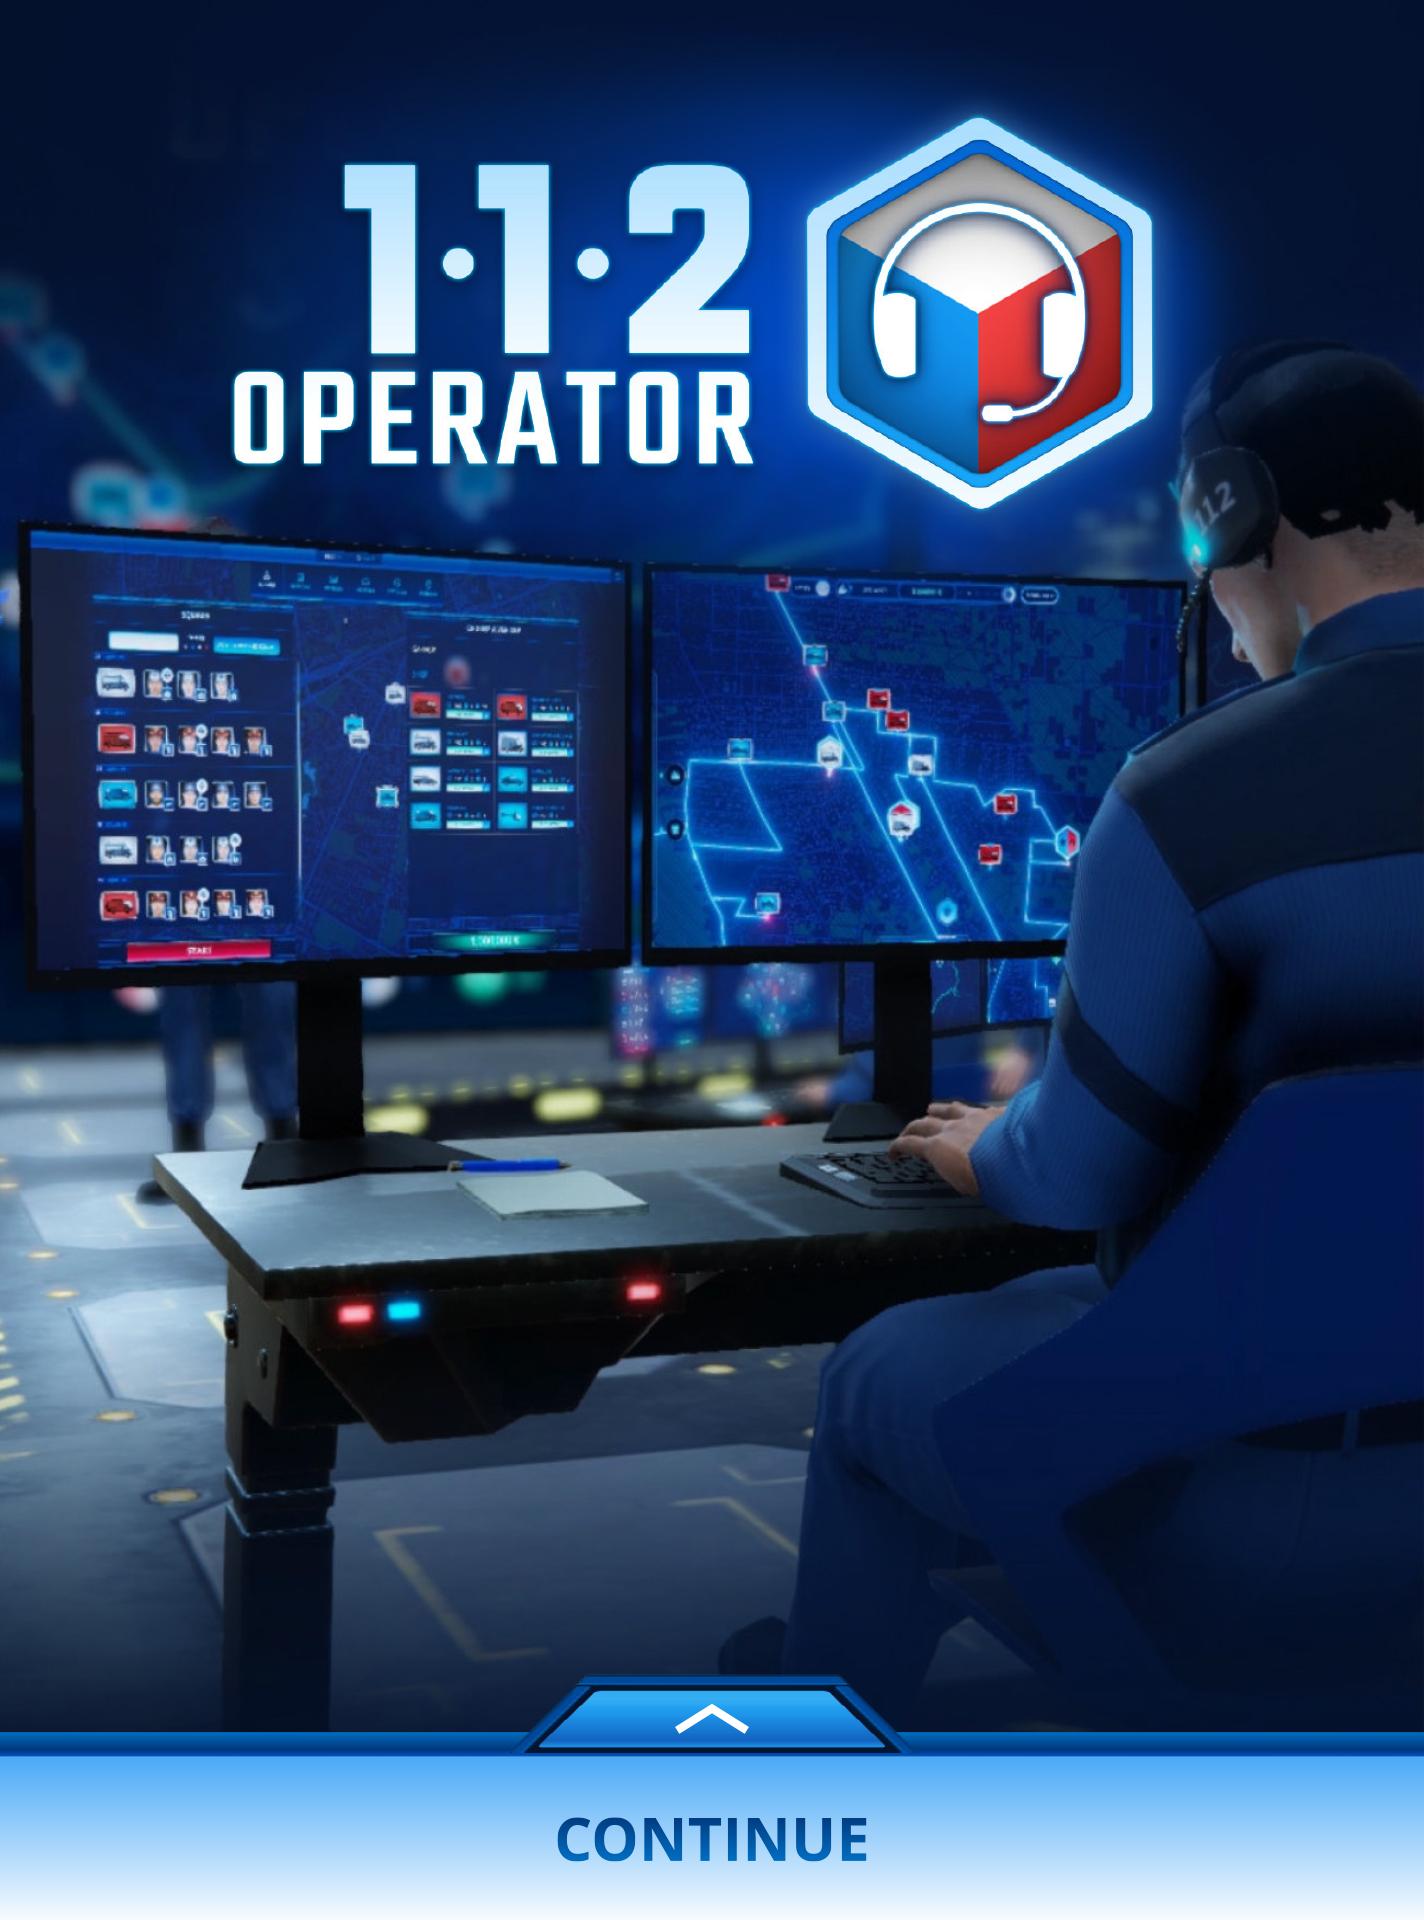 112 Operator スクリーンショット1